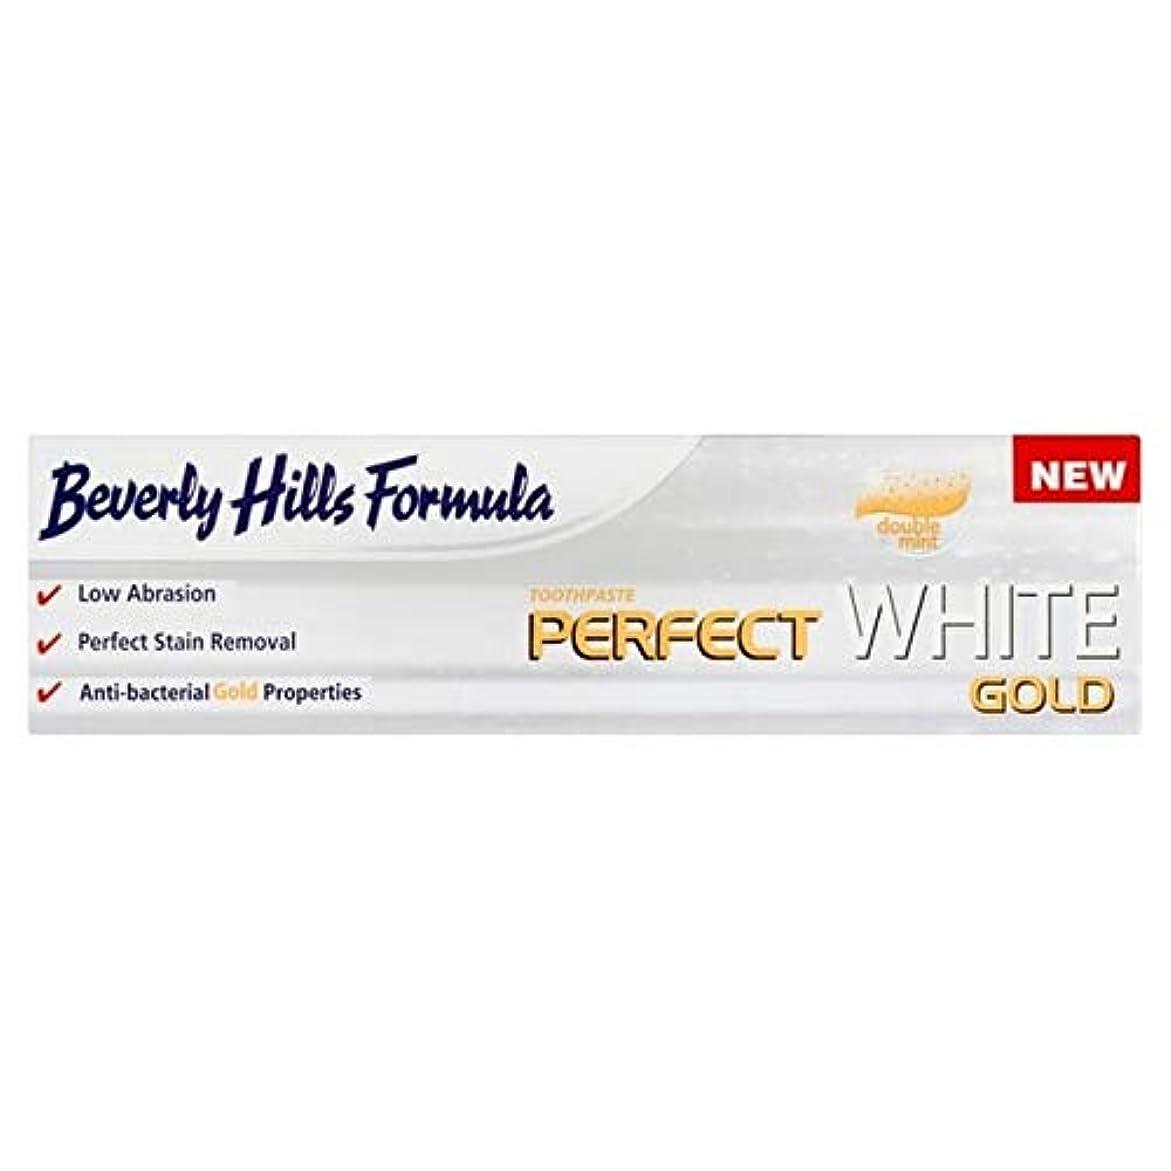 分布最大限書き込み[Beverly Hills ] ビバリーヒルズ公式パーフェクトホワイトゴールドの100ミリリットル - Beverly Hills Formula Perfect White Gold 100ml [並行輸入品]